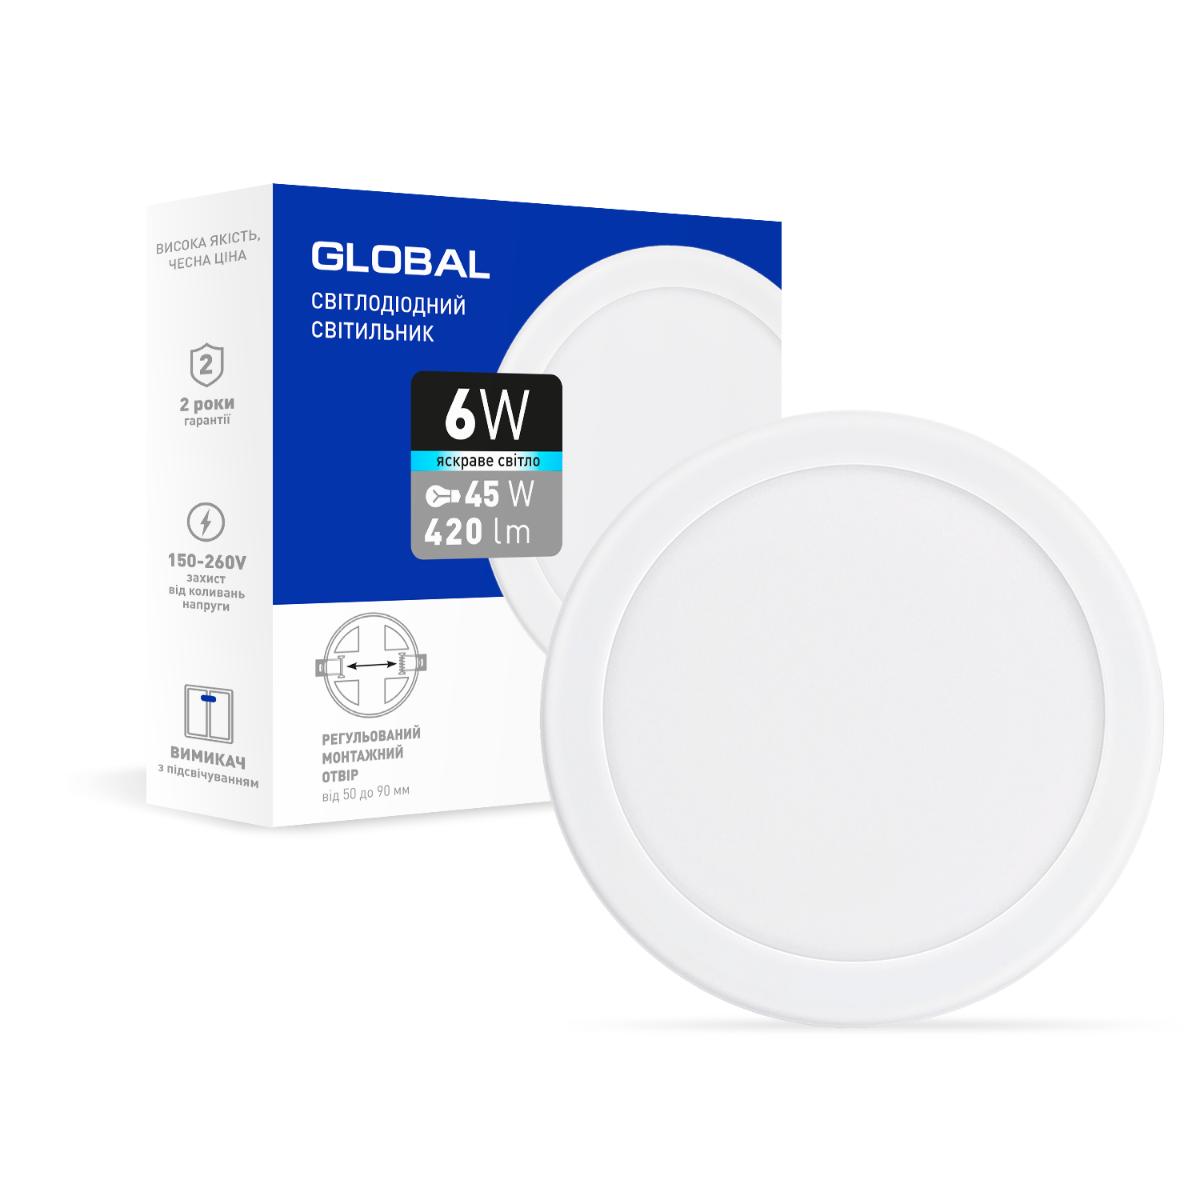 Точковий врізний LED-світильник GLOBAL SP adjustable 6W, 4100K (коло)